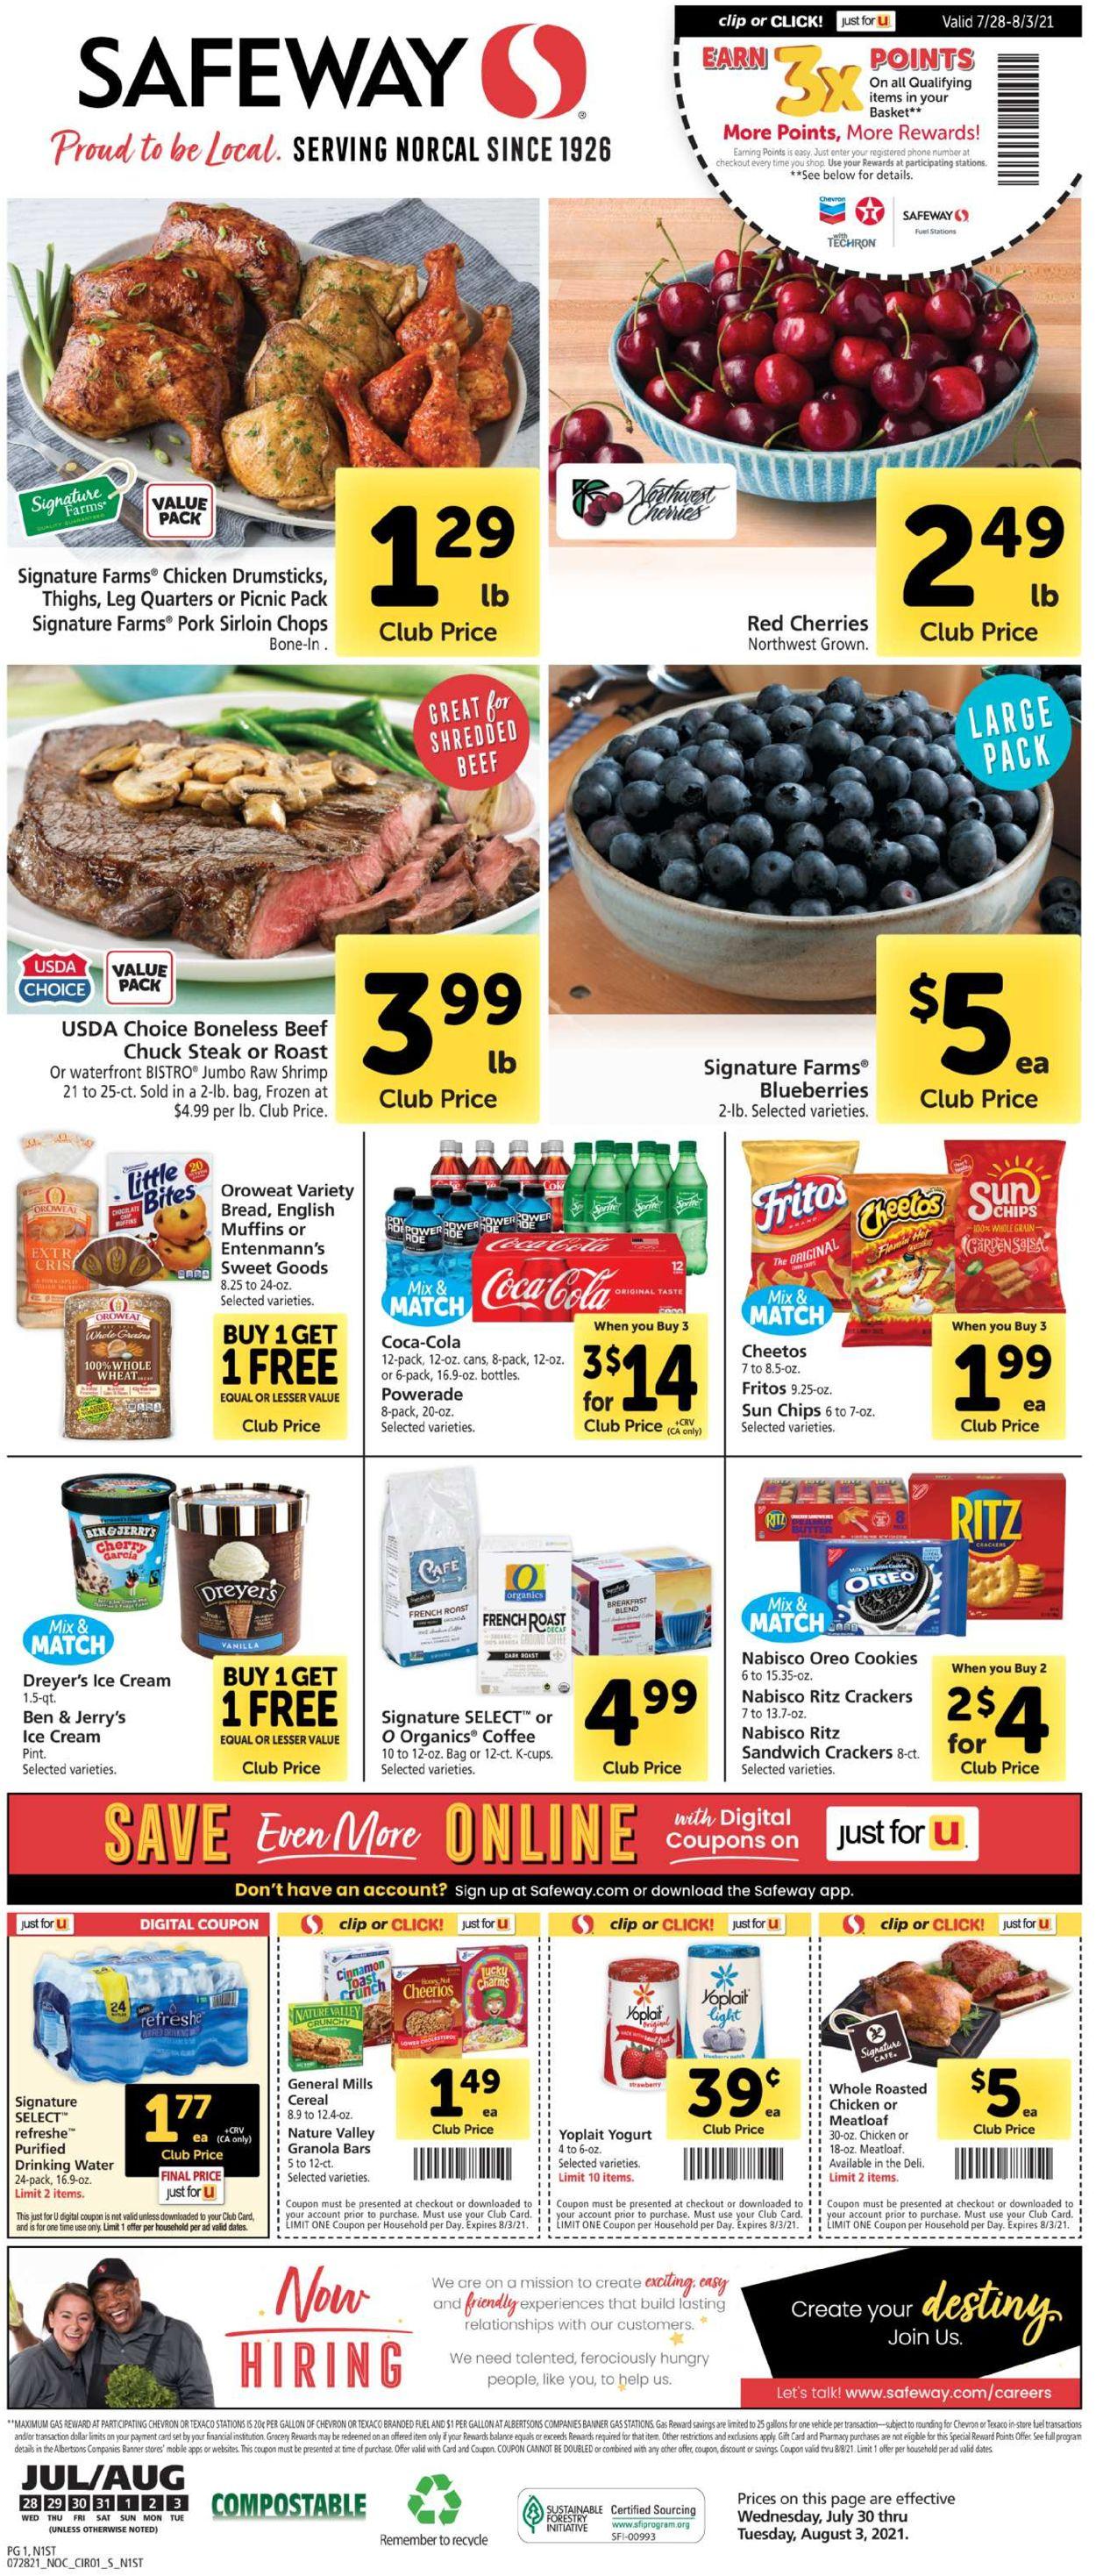 Safeway weekly-ad